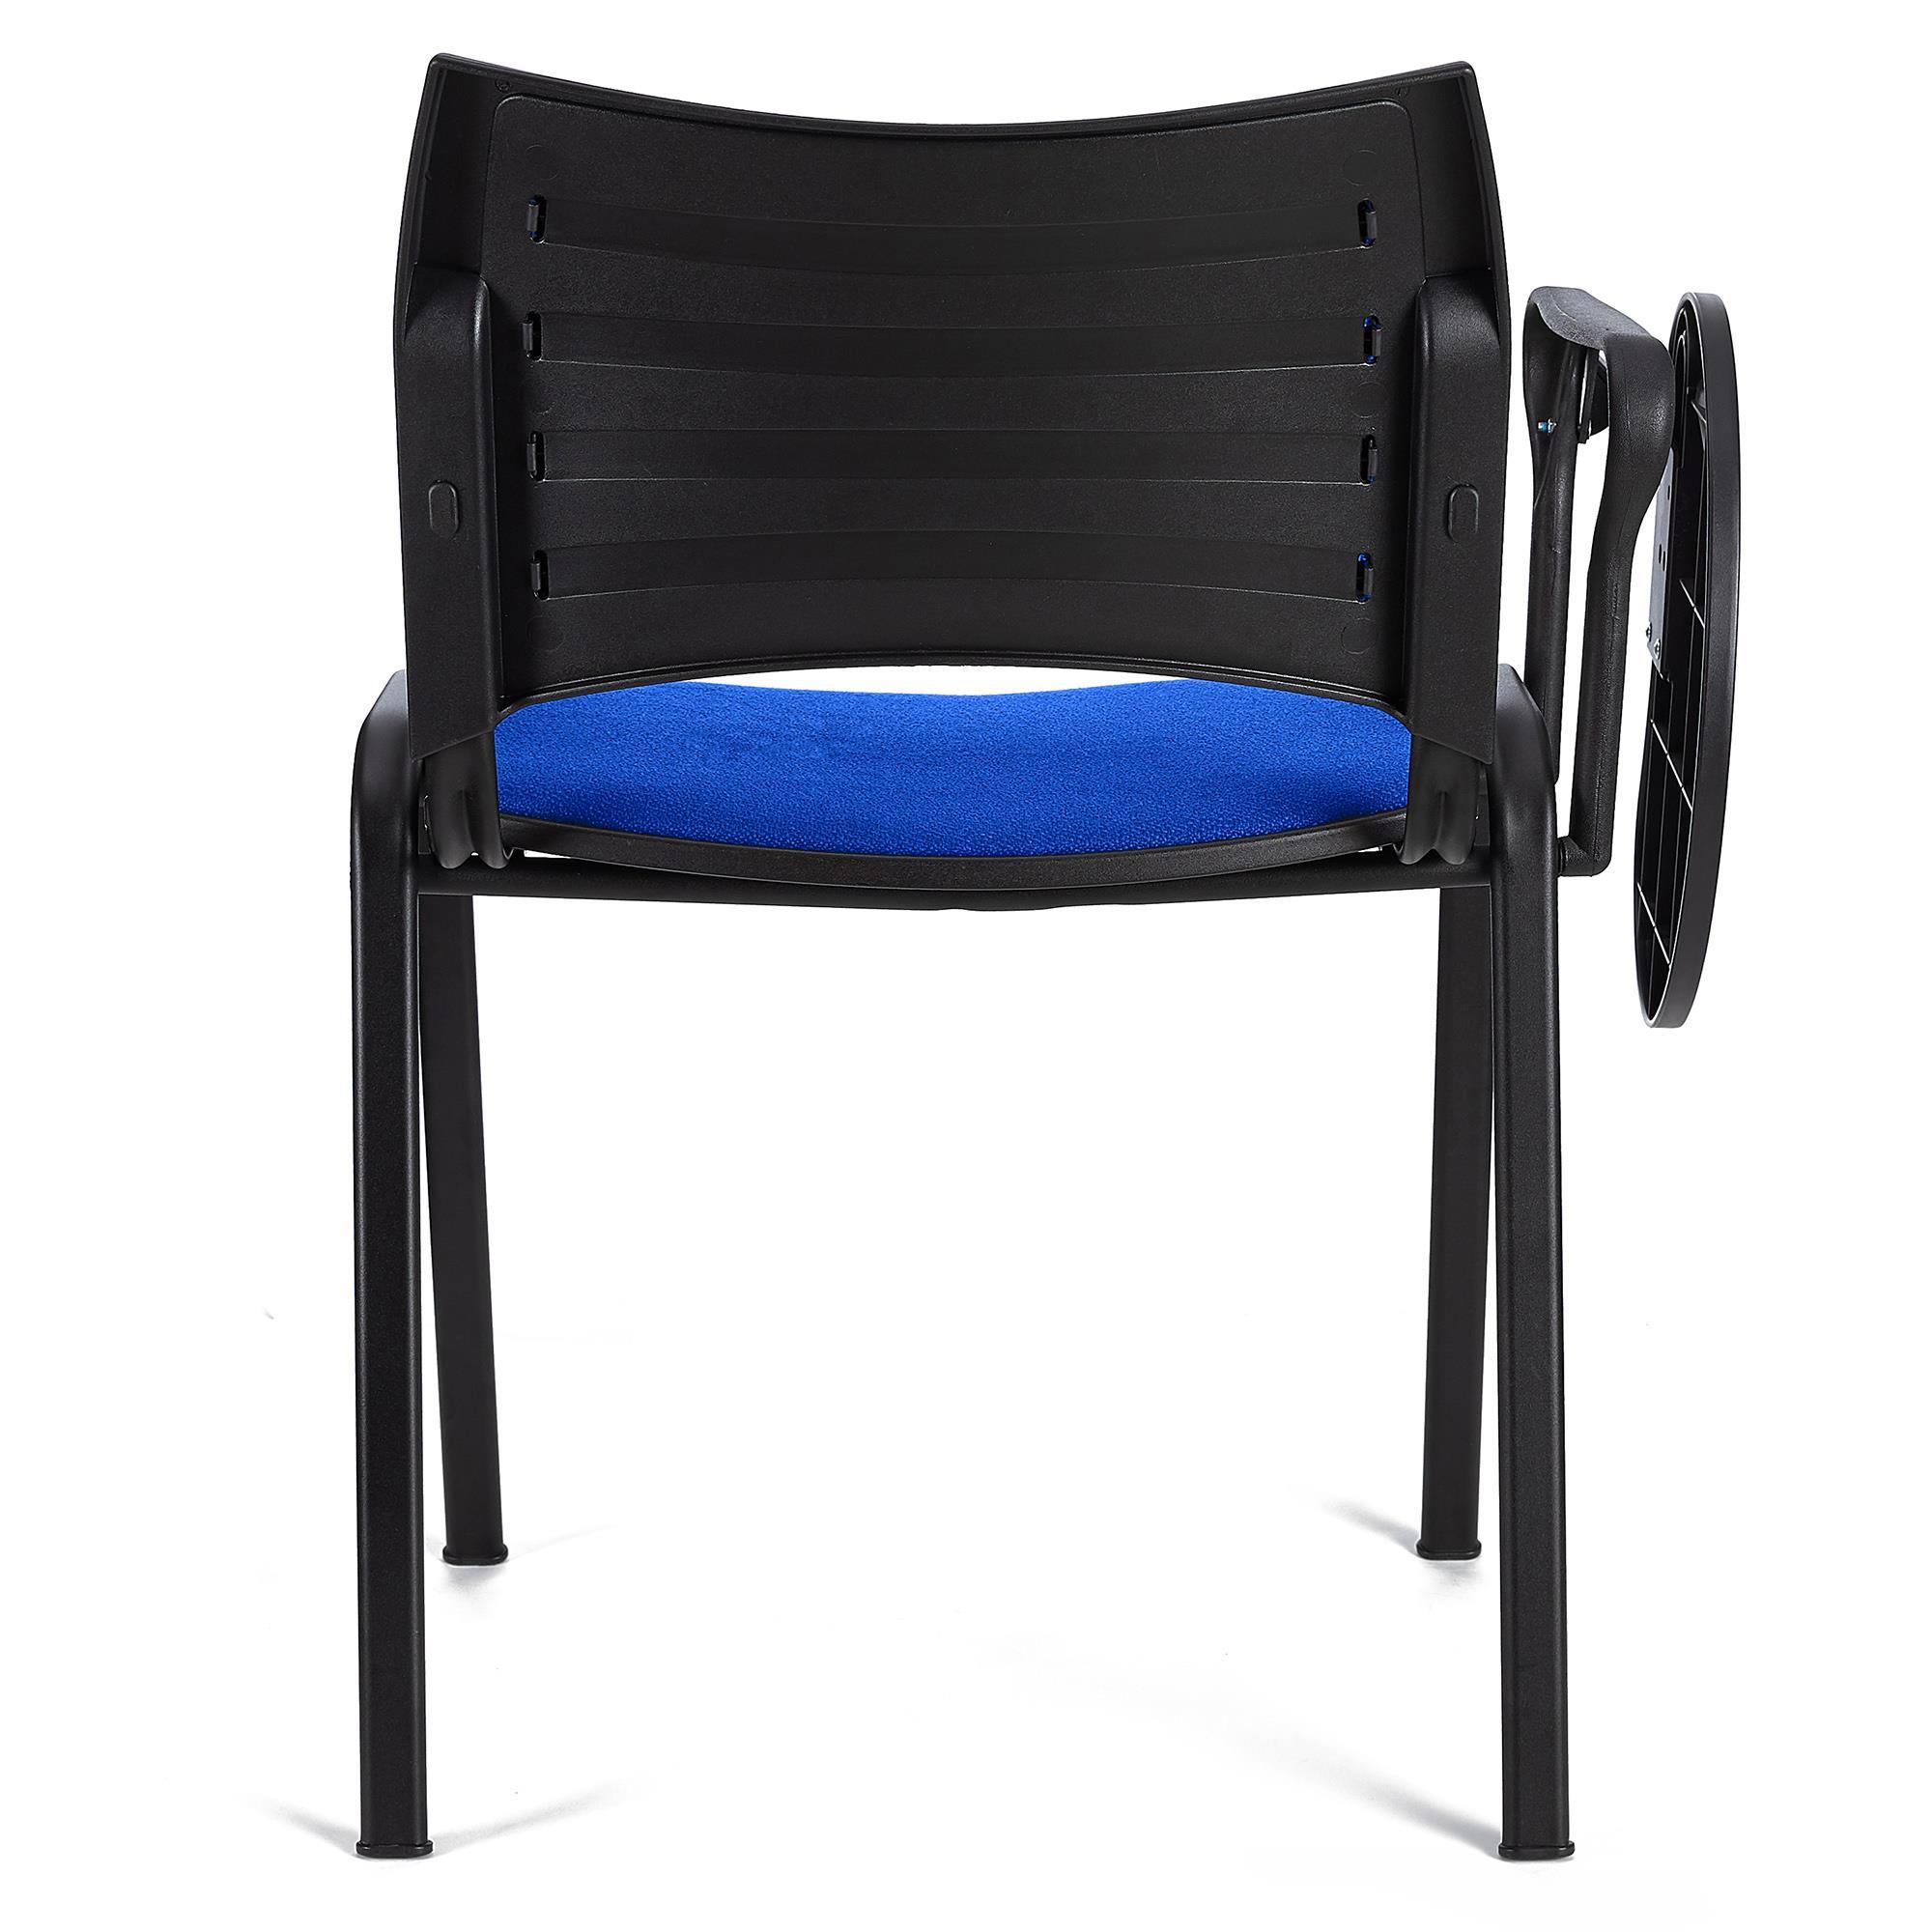 Sedia da Attesa ROMMEL CON SCRITTOIO, in Blu e Gambe Nere - Sedia da ...